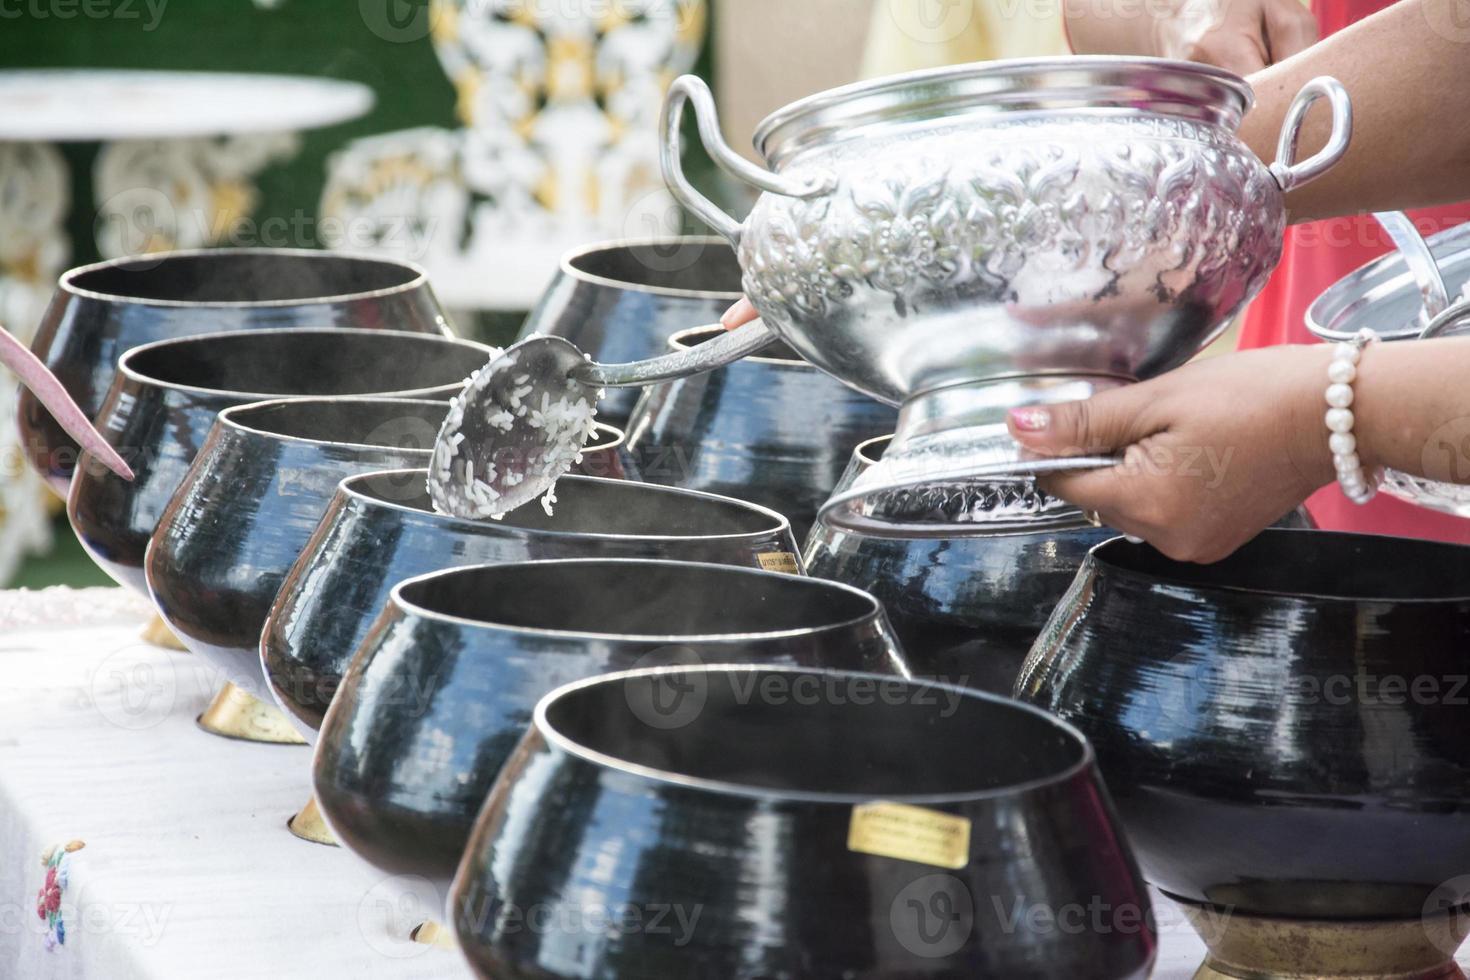 coloca ofertas de comida na tigela de esmolas de um monge budista foto